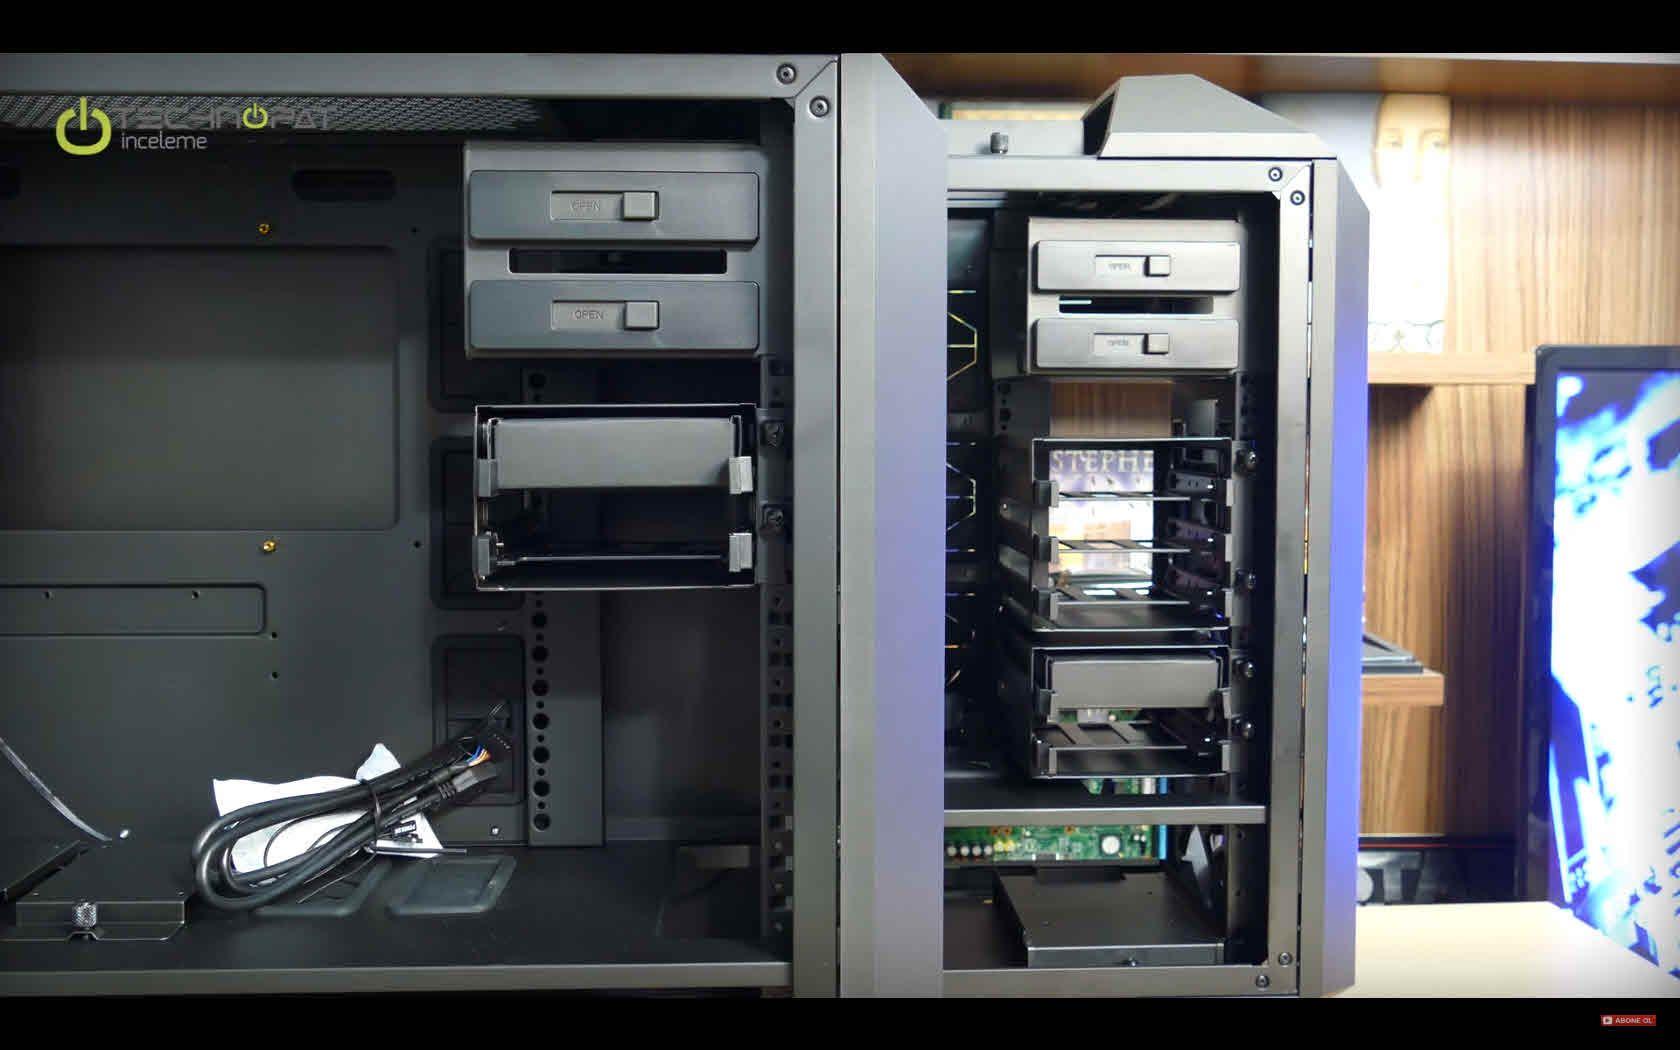 Cooler Master MasterCase Pro 5 ve MasterCase 5 kasalarını inceliyor, karşılaştırıyoruz...